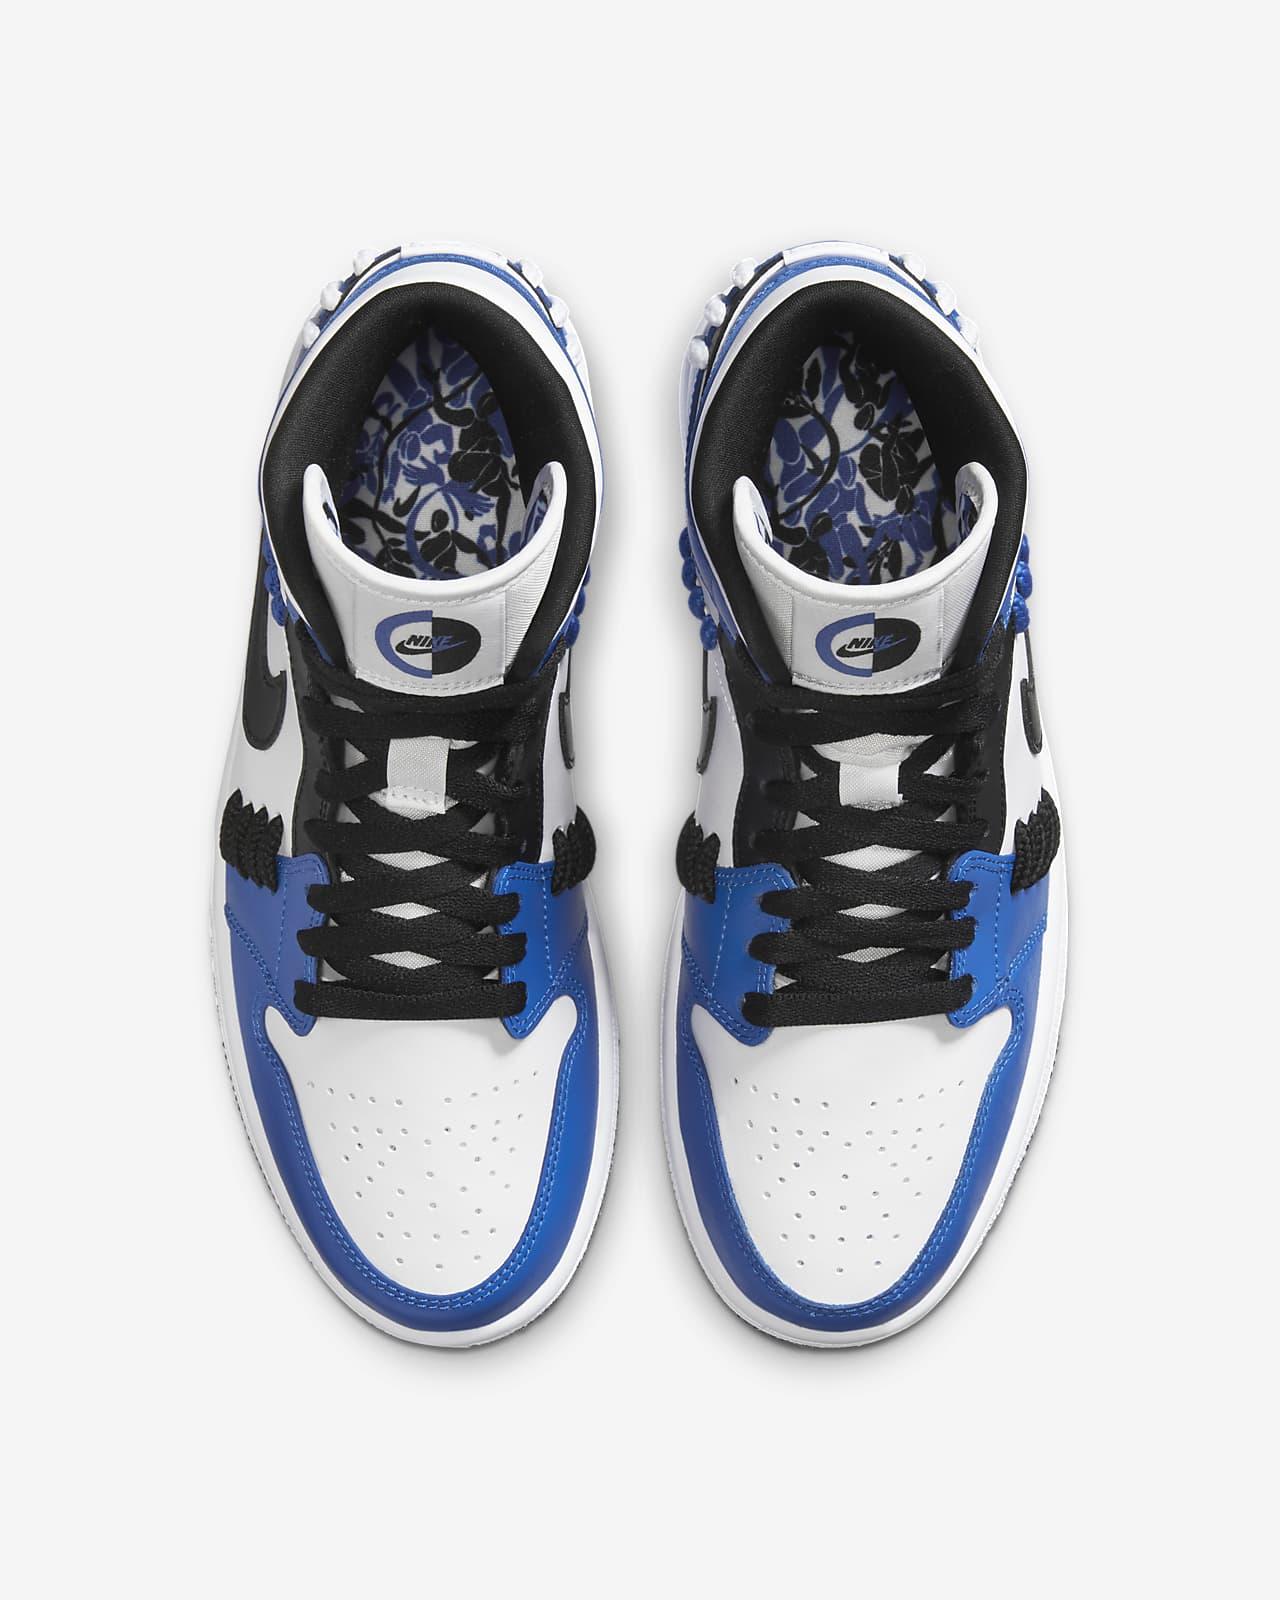 air jordan 1 chaussure bleu